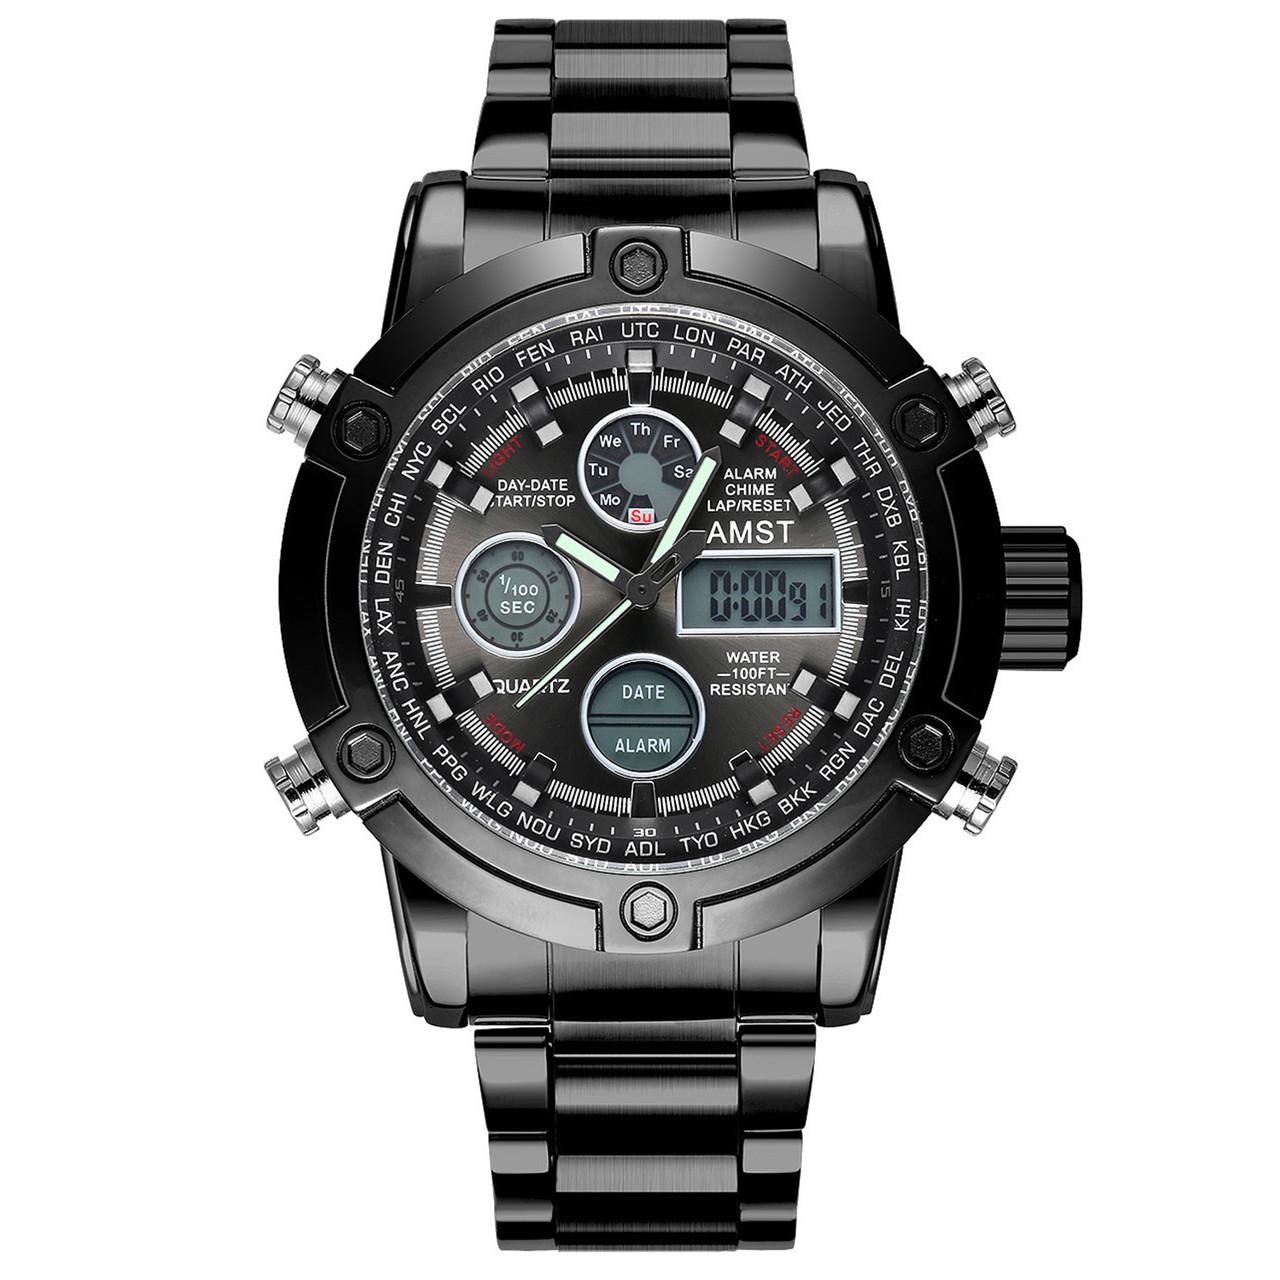 Мужские наручные часы AMST 3022 Metall All Black